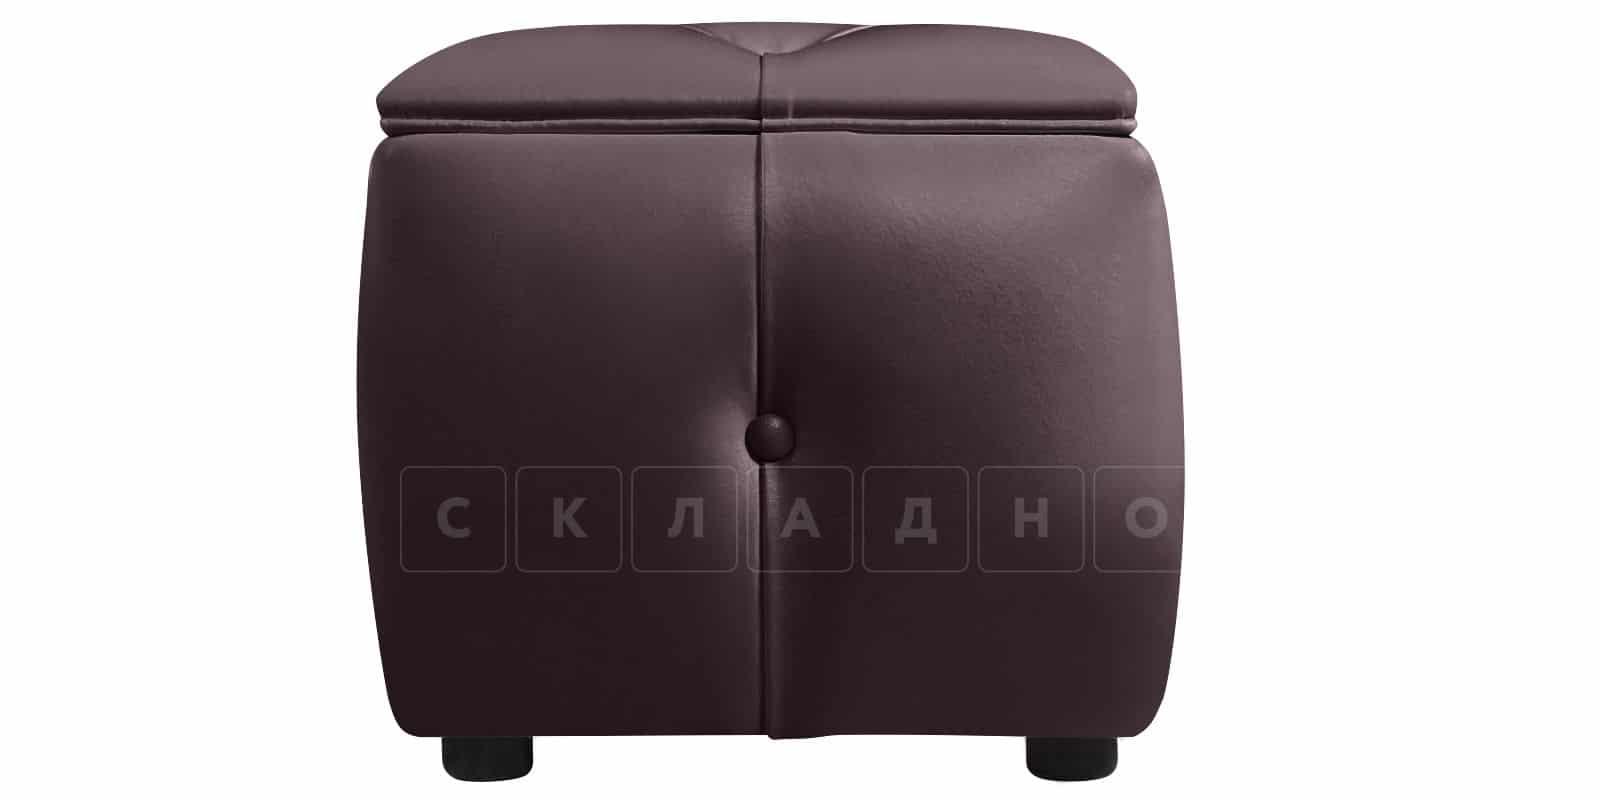 Пуф Малибу двухместный шоколадного цвета фото 3 | интернет-магазин Складно